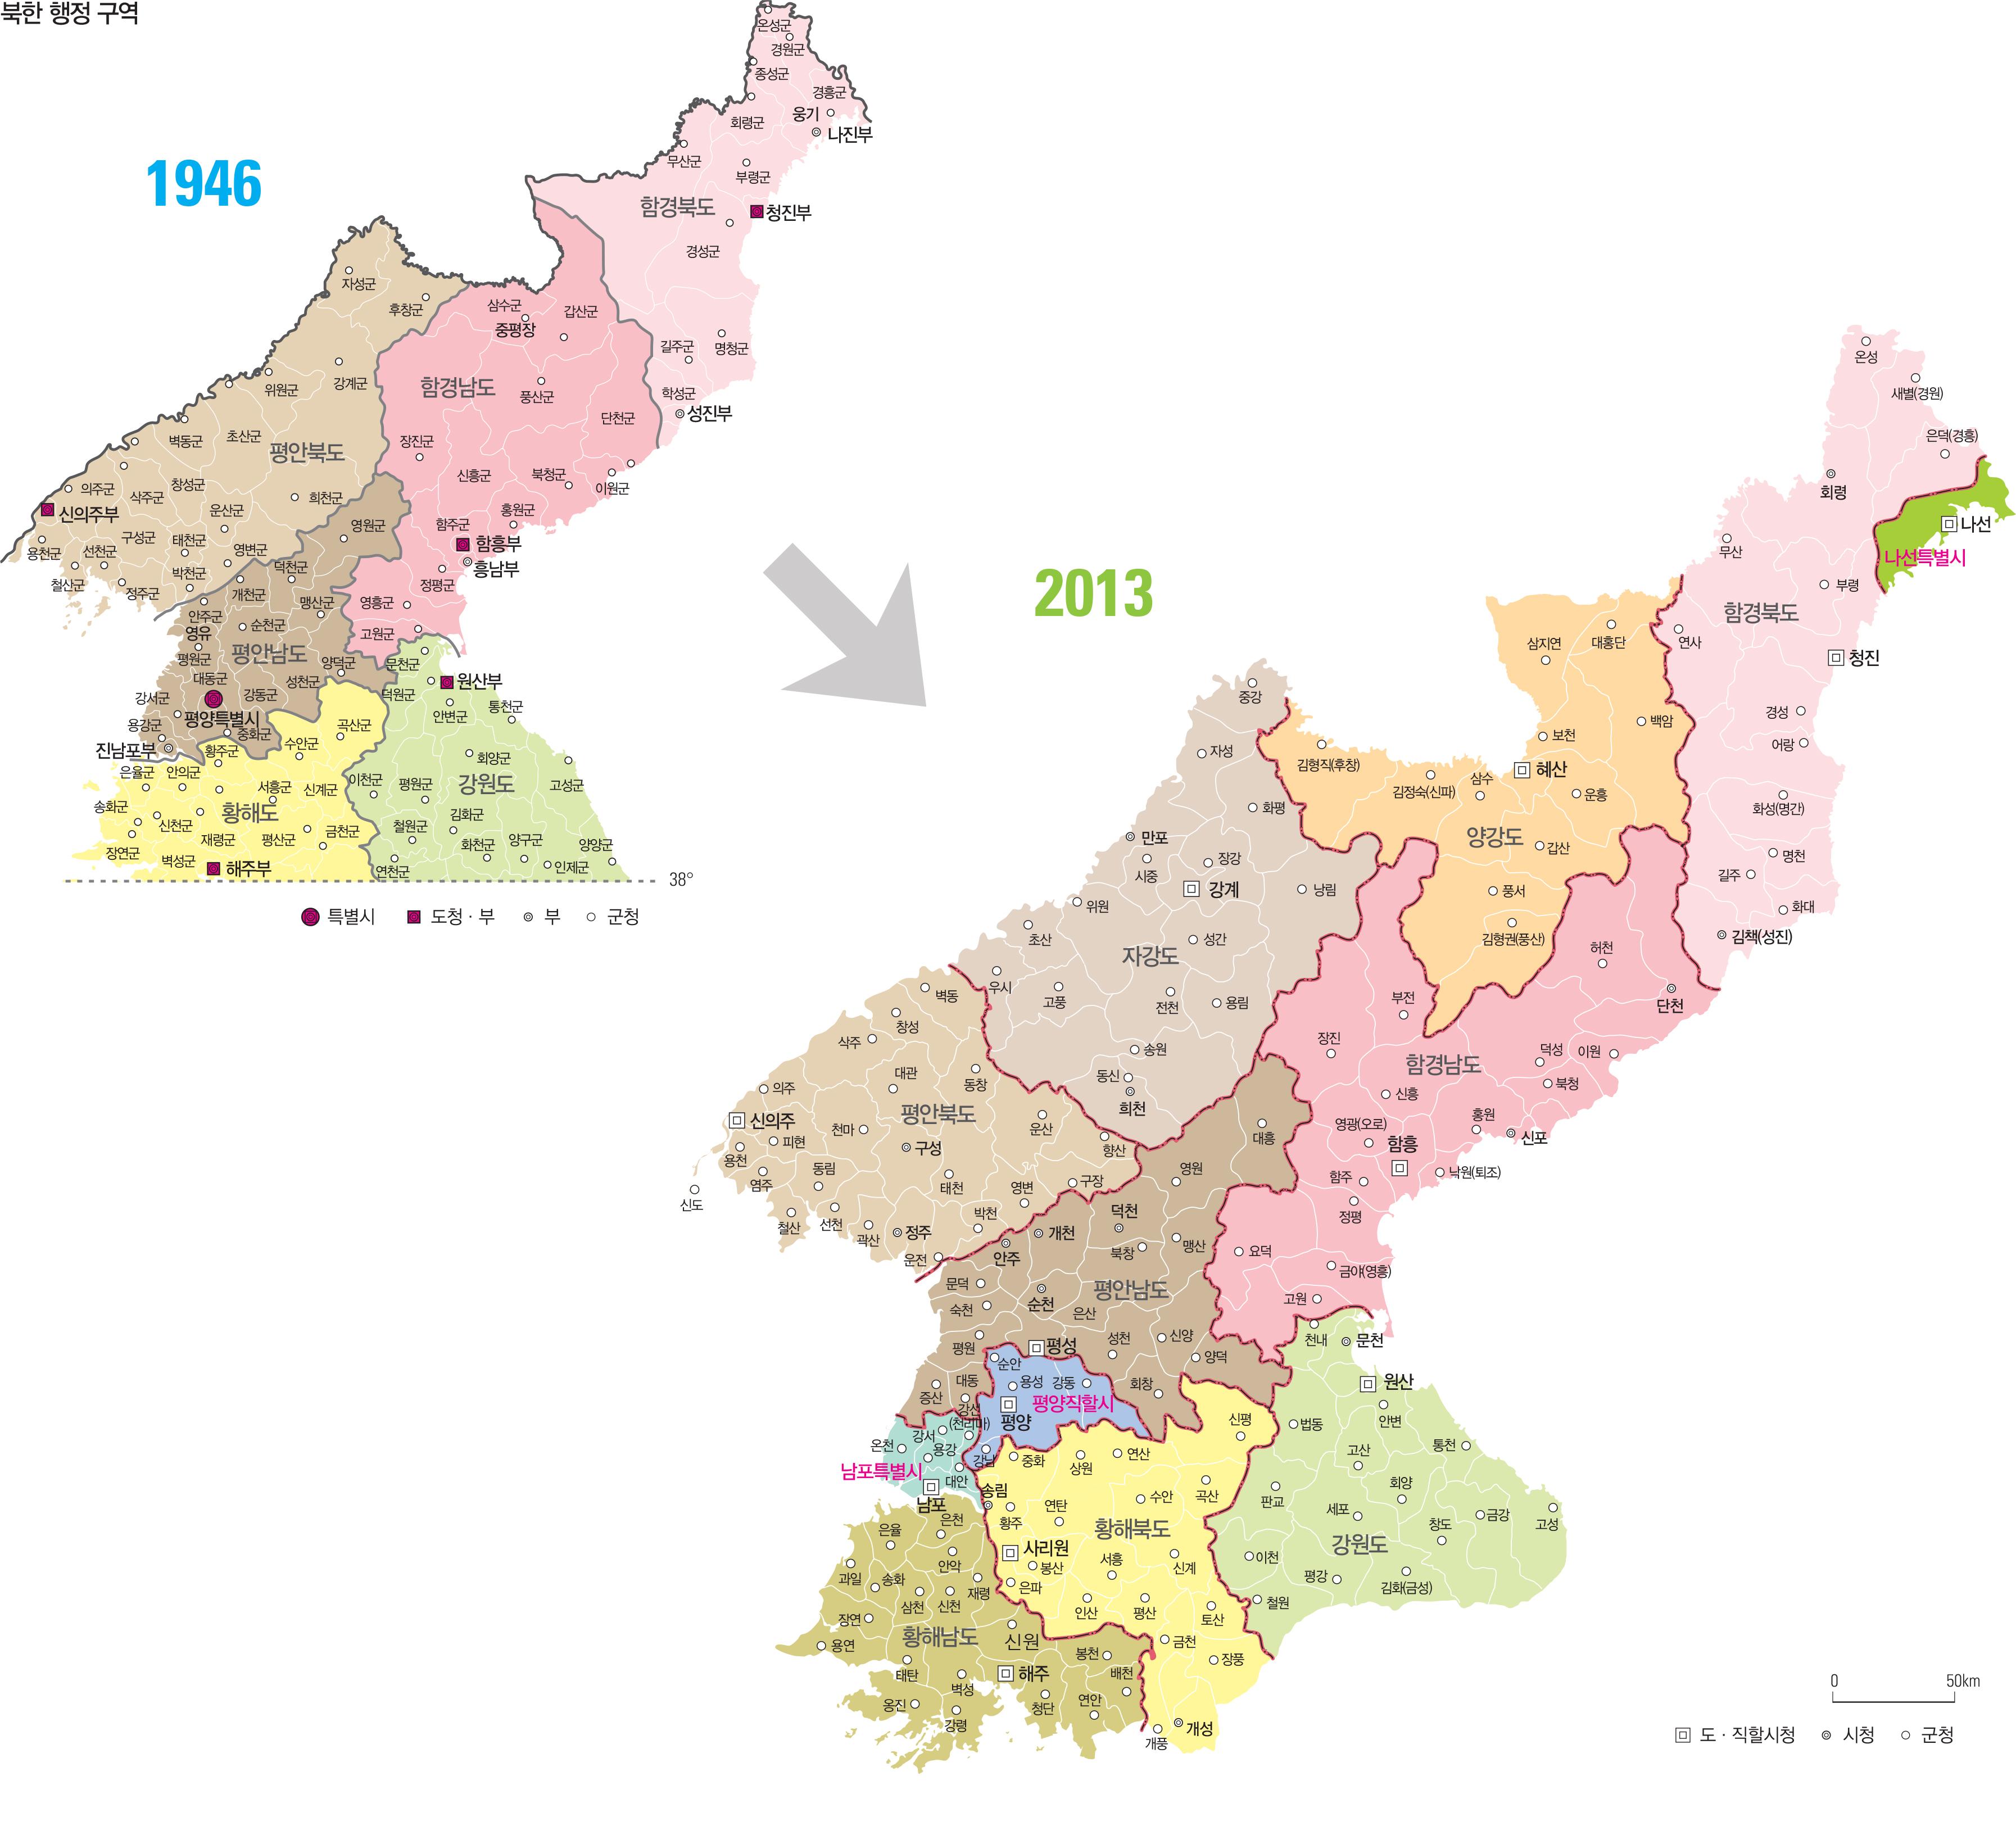 북한 행정 구역